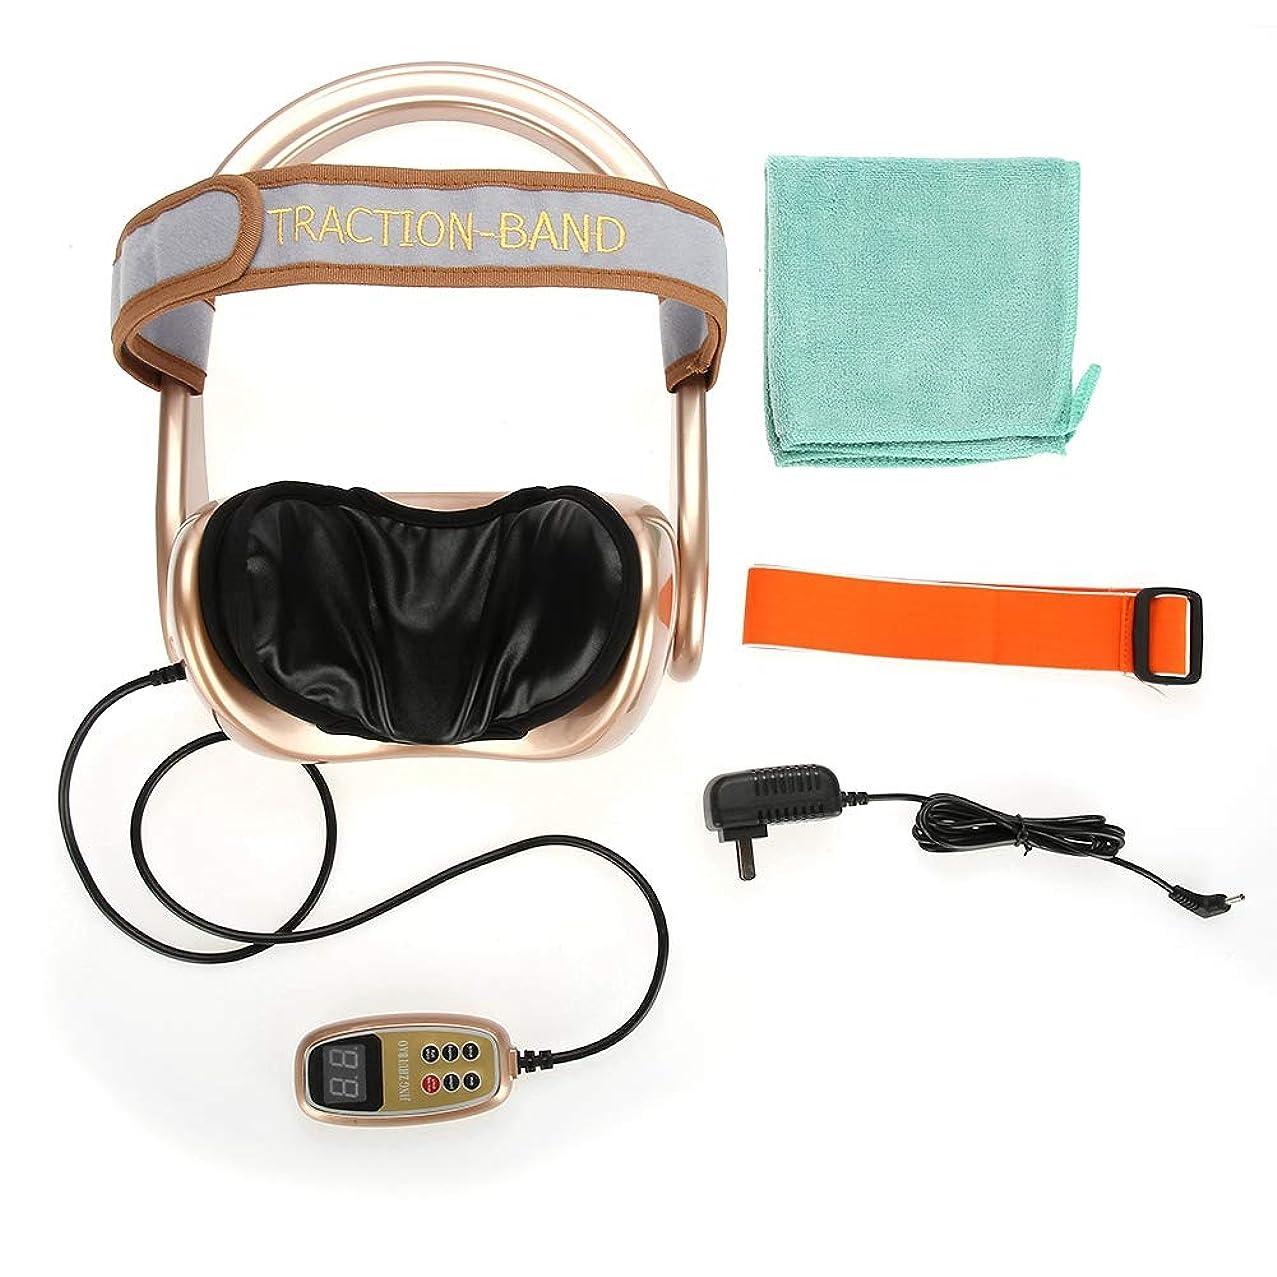 株式白い電気技師エアーネックストレッチャー ネックトラクション、多機能頚椎椎骨トラクターエアバッグマッサージャー(リモートコントロール付き)、3エアバッグ(頸部痛解消用) (US)